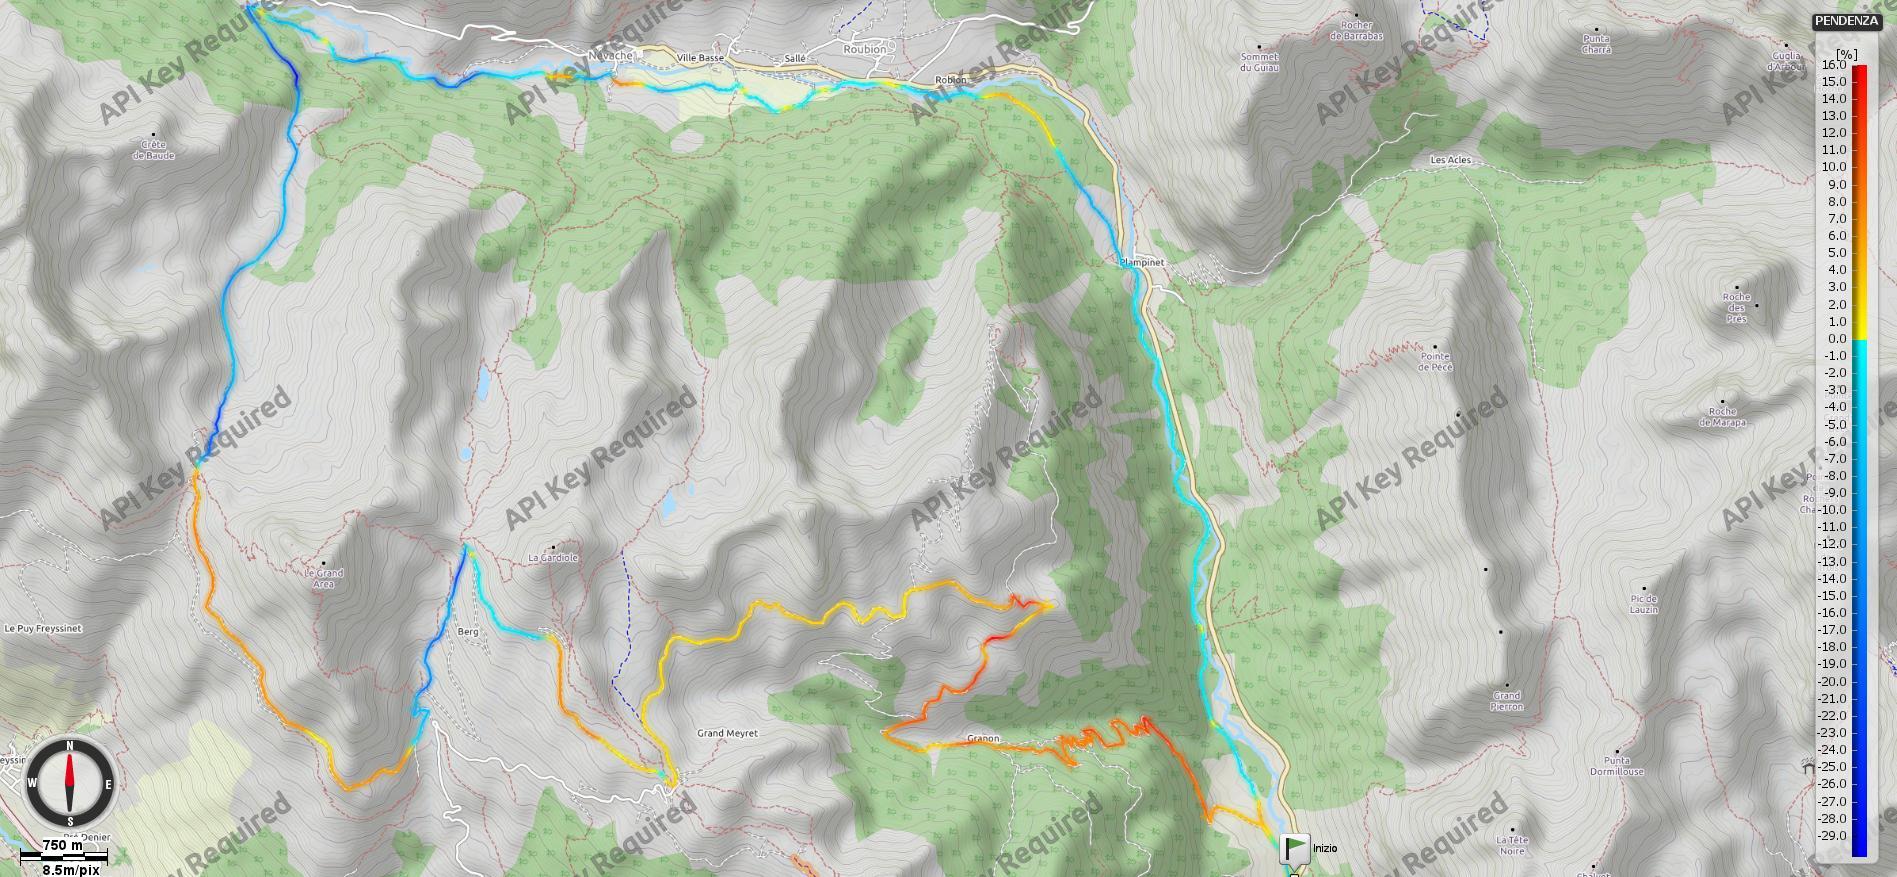 Col Granon-Cristol-Buffere Pendenze